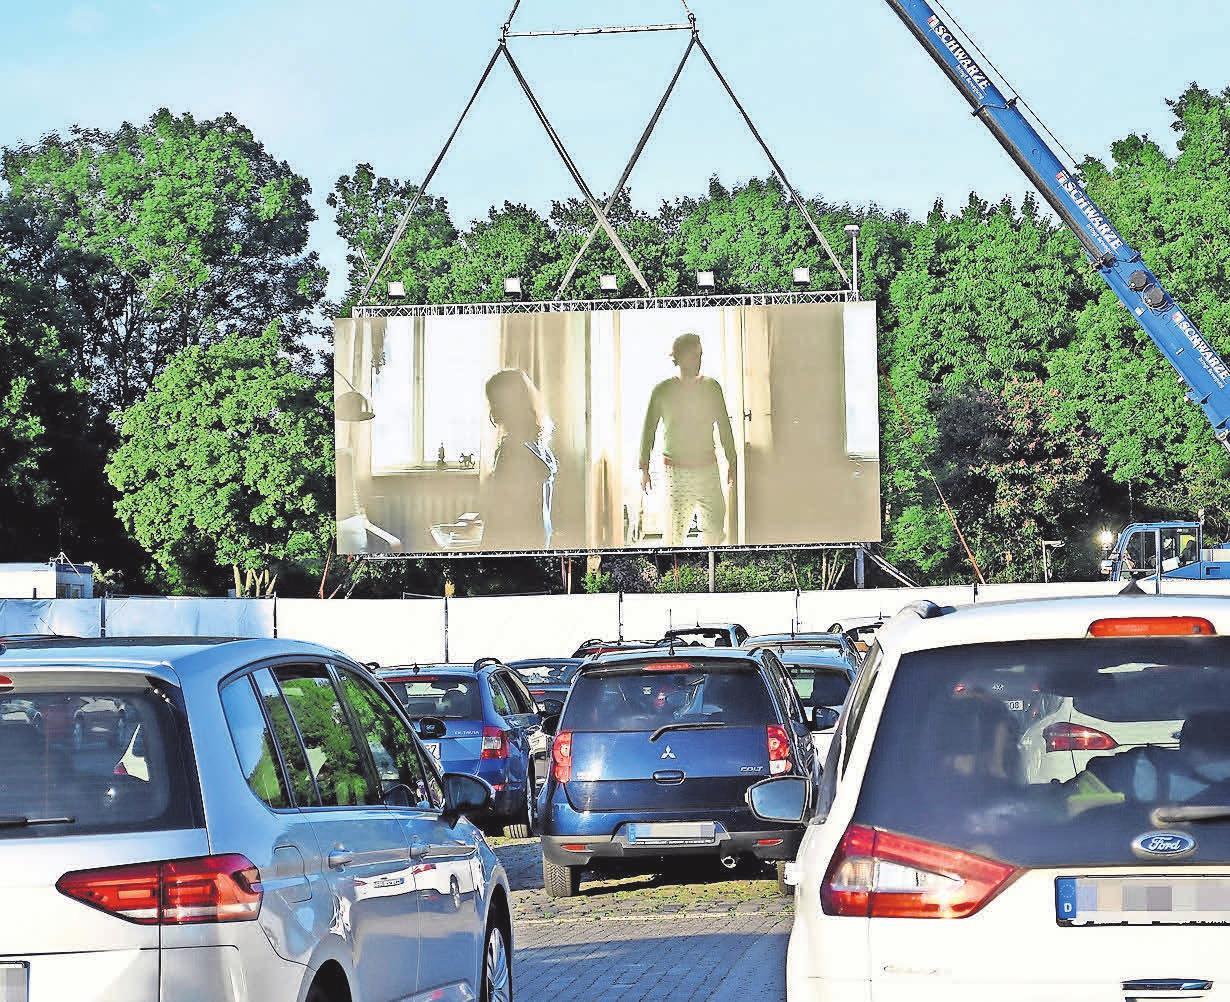 Das Autokino im Juni war die erste öffentliche Veranstaltung in Burgdorf seit Beginn der Corona-Krise. Foto: Mark Bode